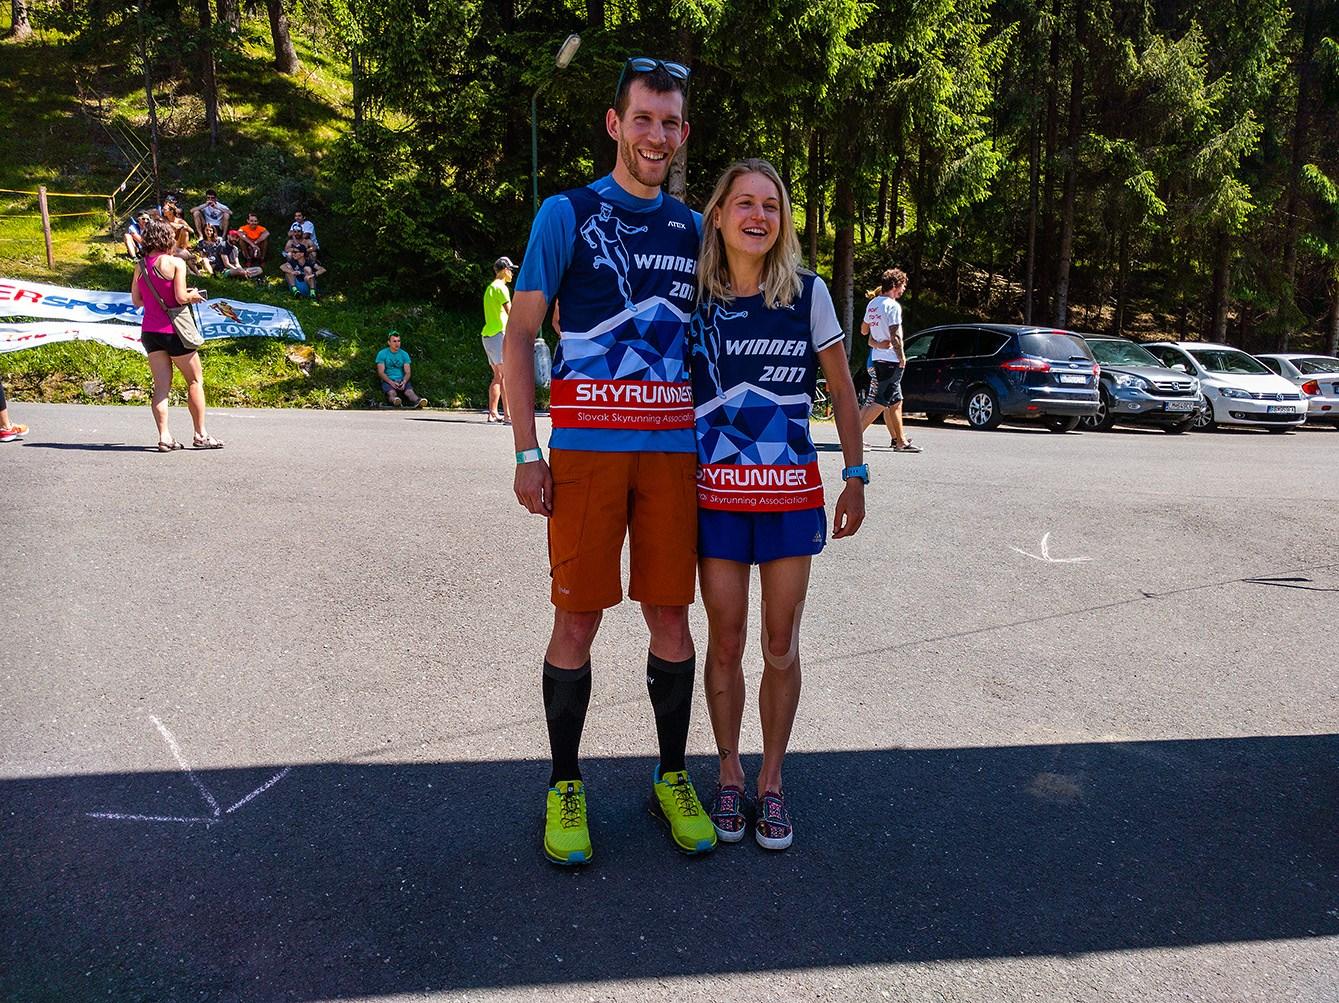 Expresky z hôr 65 - Poludnica run 2017, víťazi, zdroj: FB page SSa